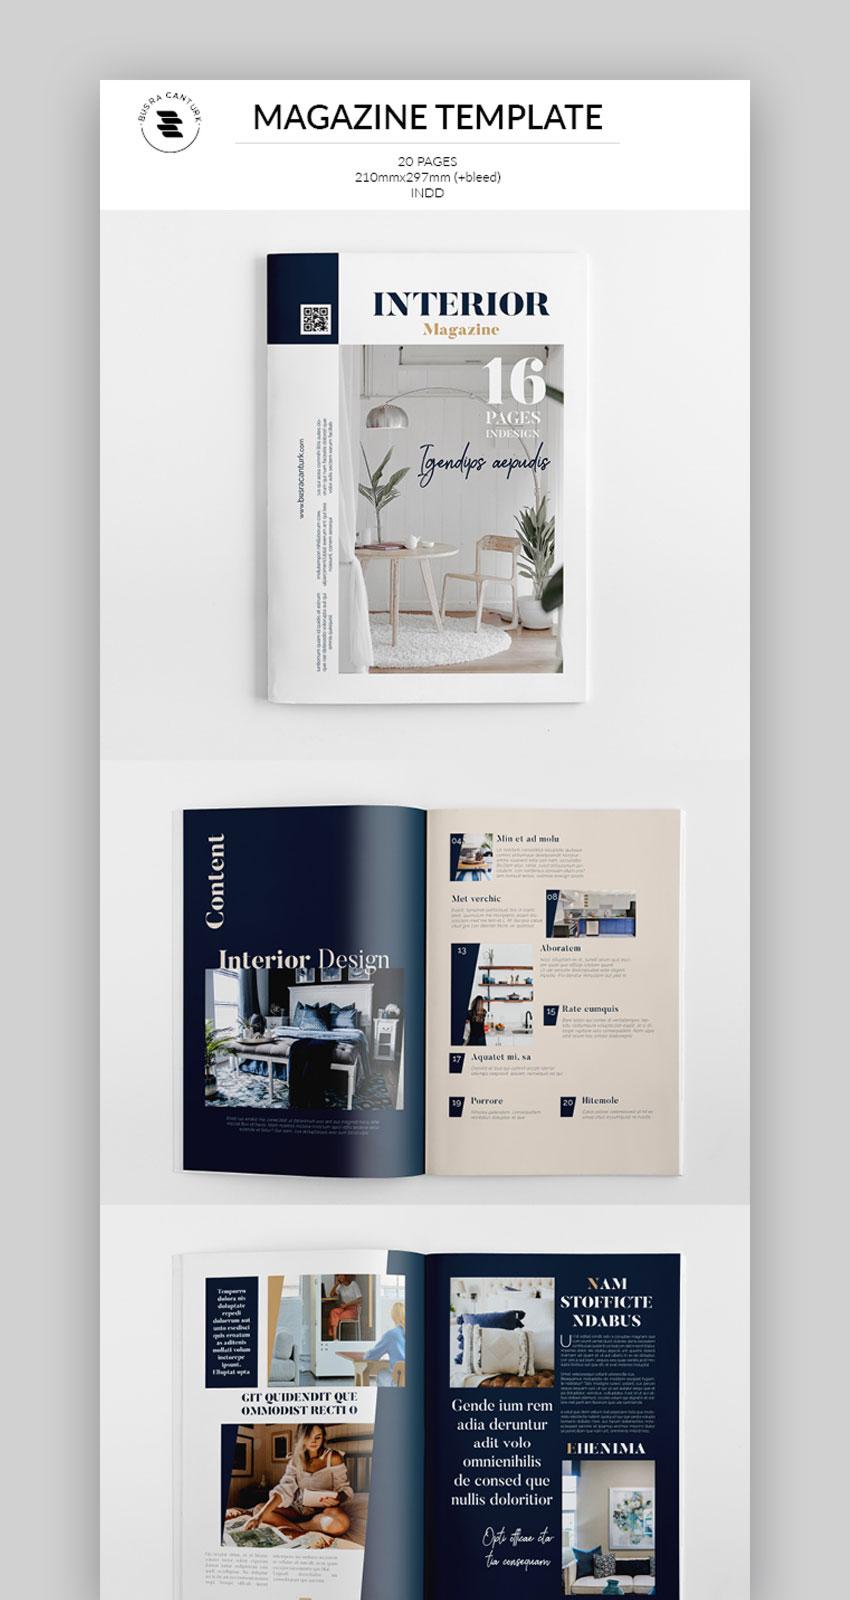 InDesign Magazine Template Design